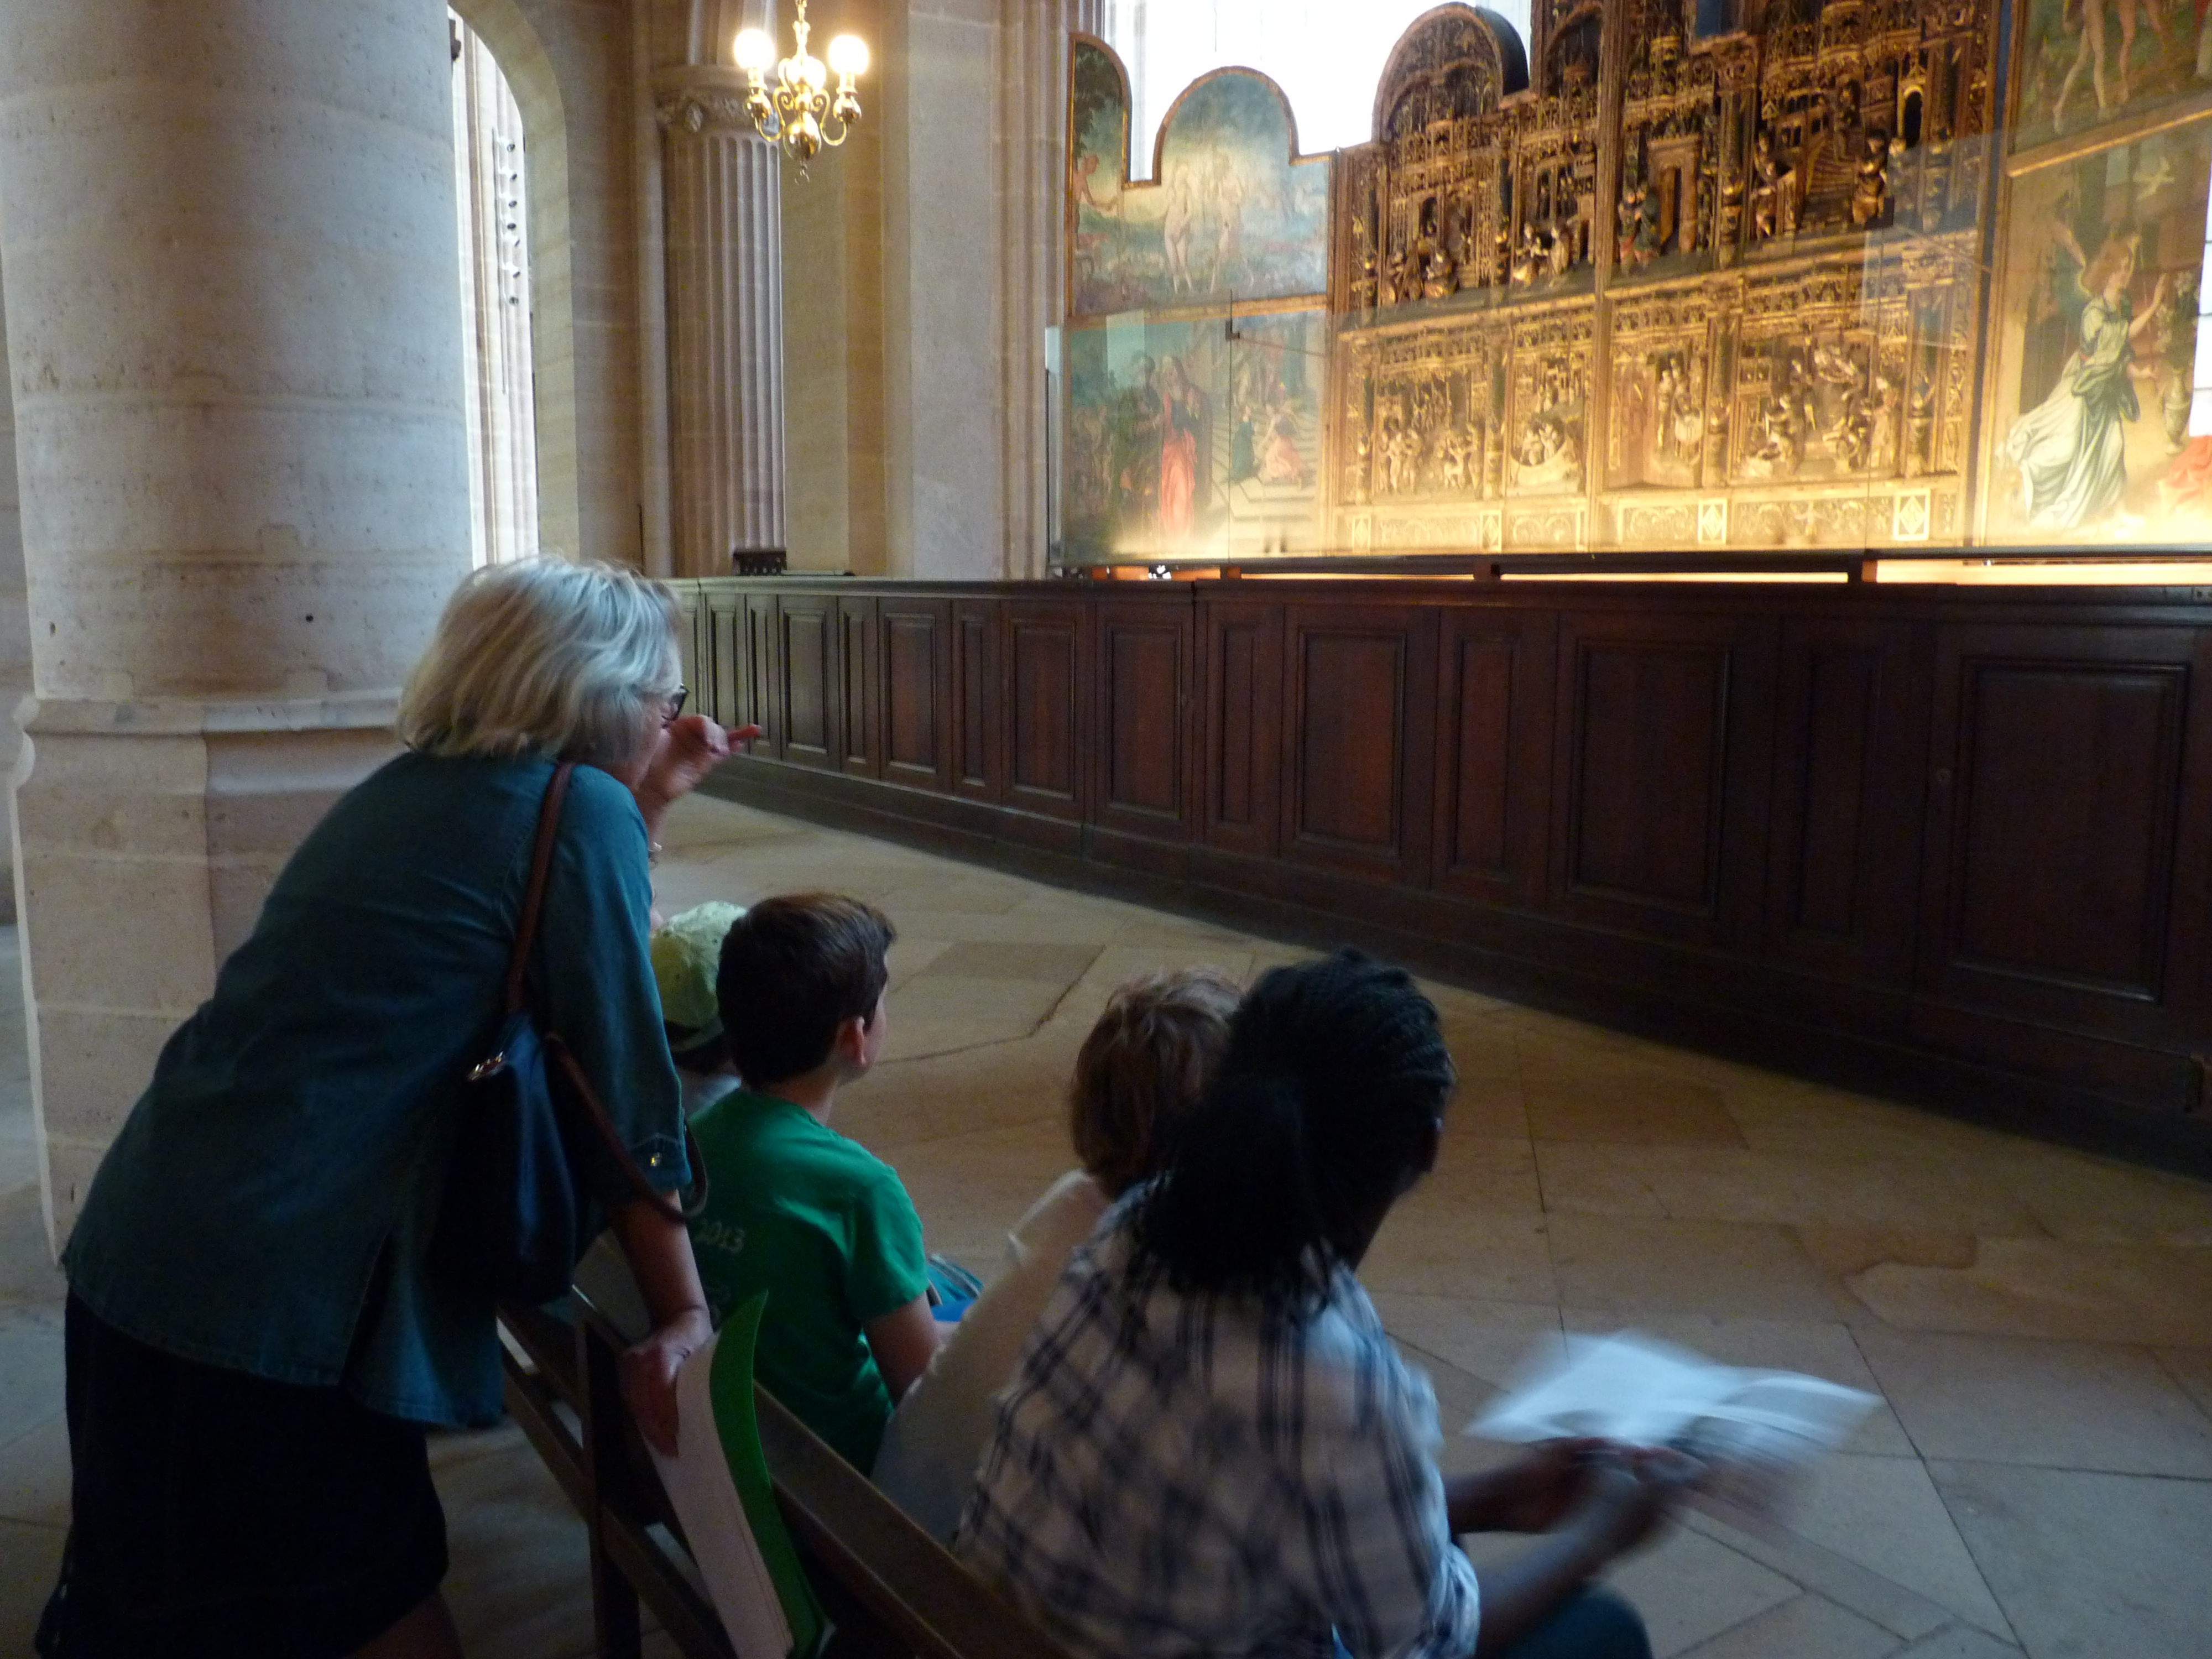 Visite dans l'église Saint-Germain-l'Auxerrois à Paris.